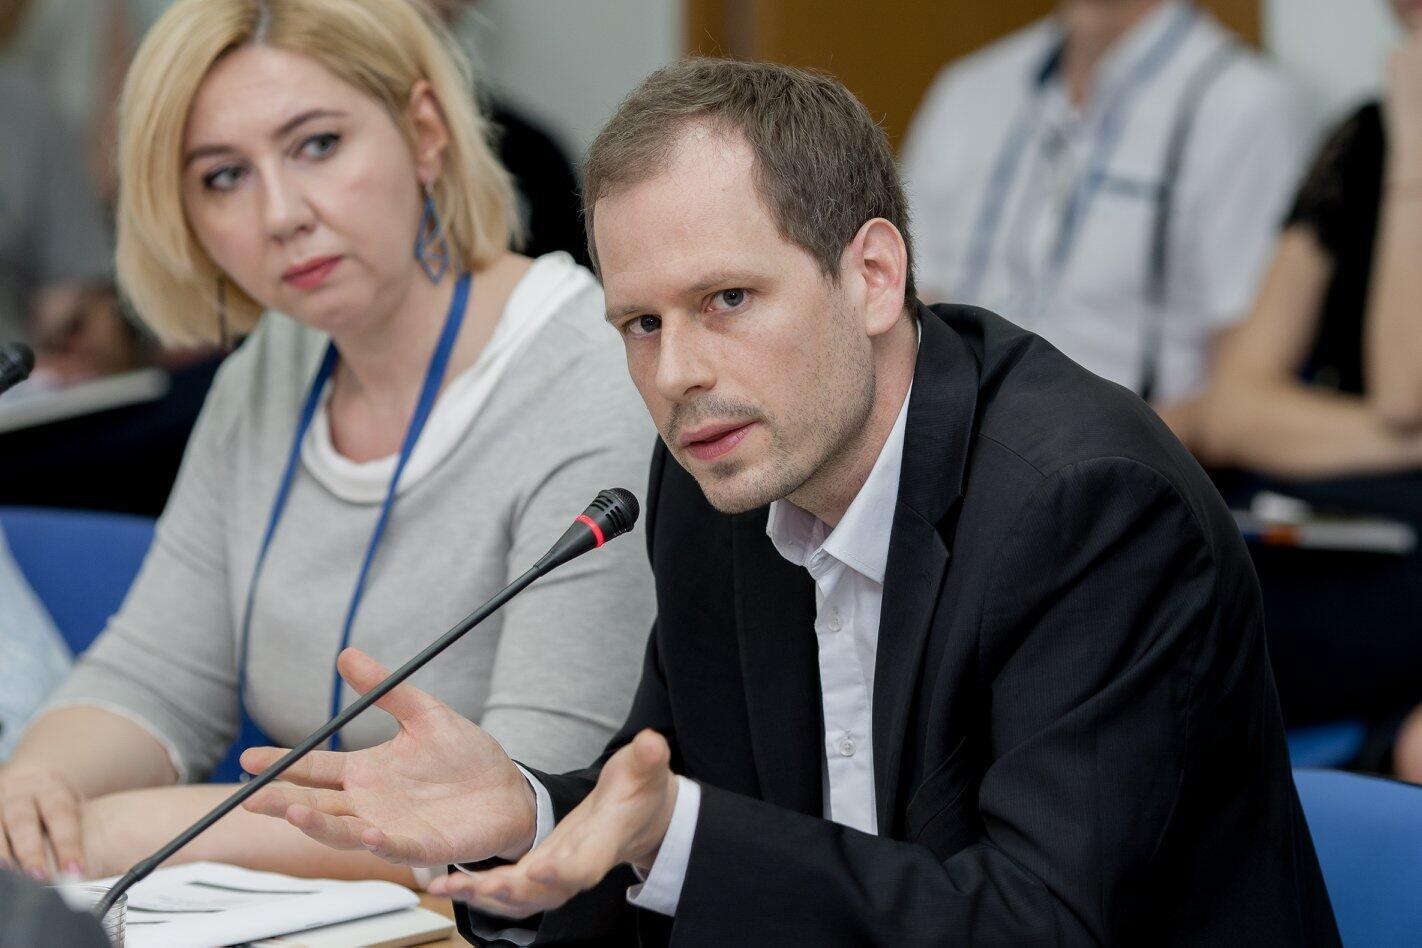 Глава отдела стран Восточной Европы и Центральной Азии в «Репортерах без границ» Йоханн Бир